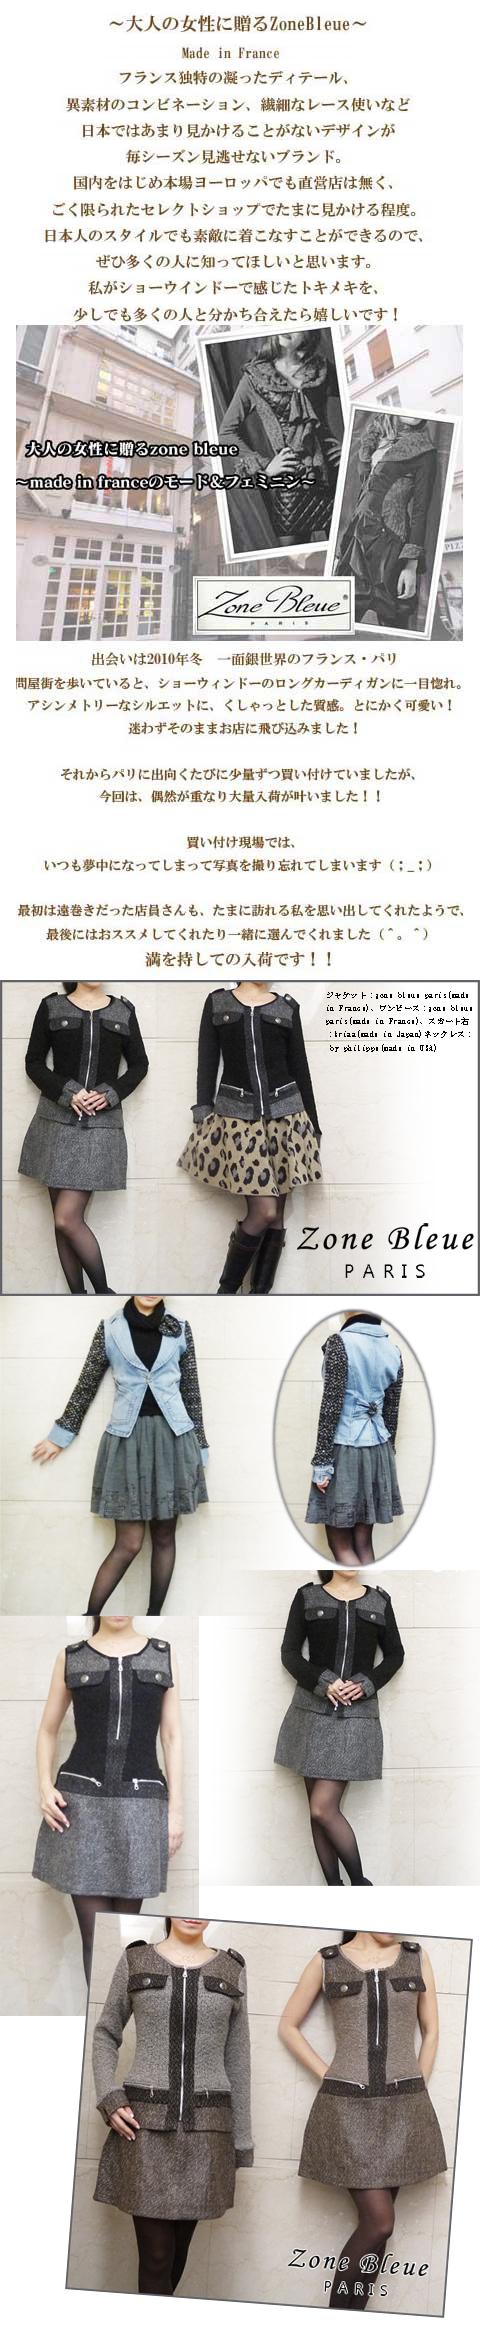 zone bleue paris 2013AW